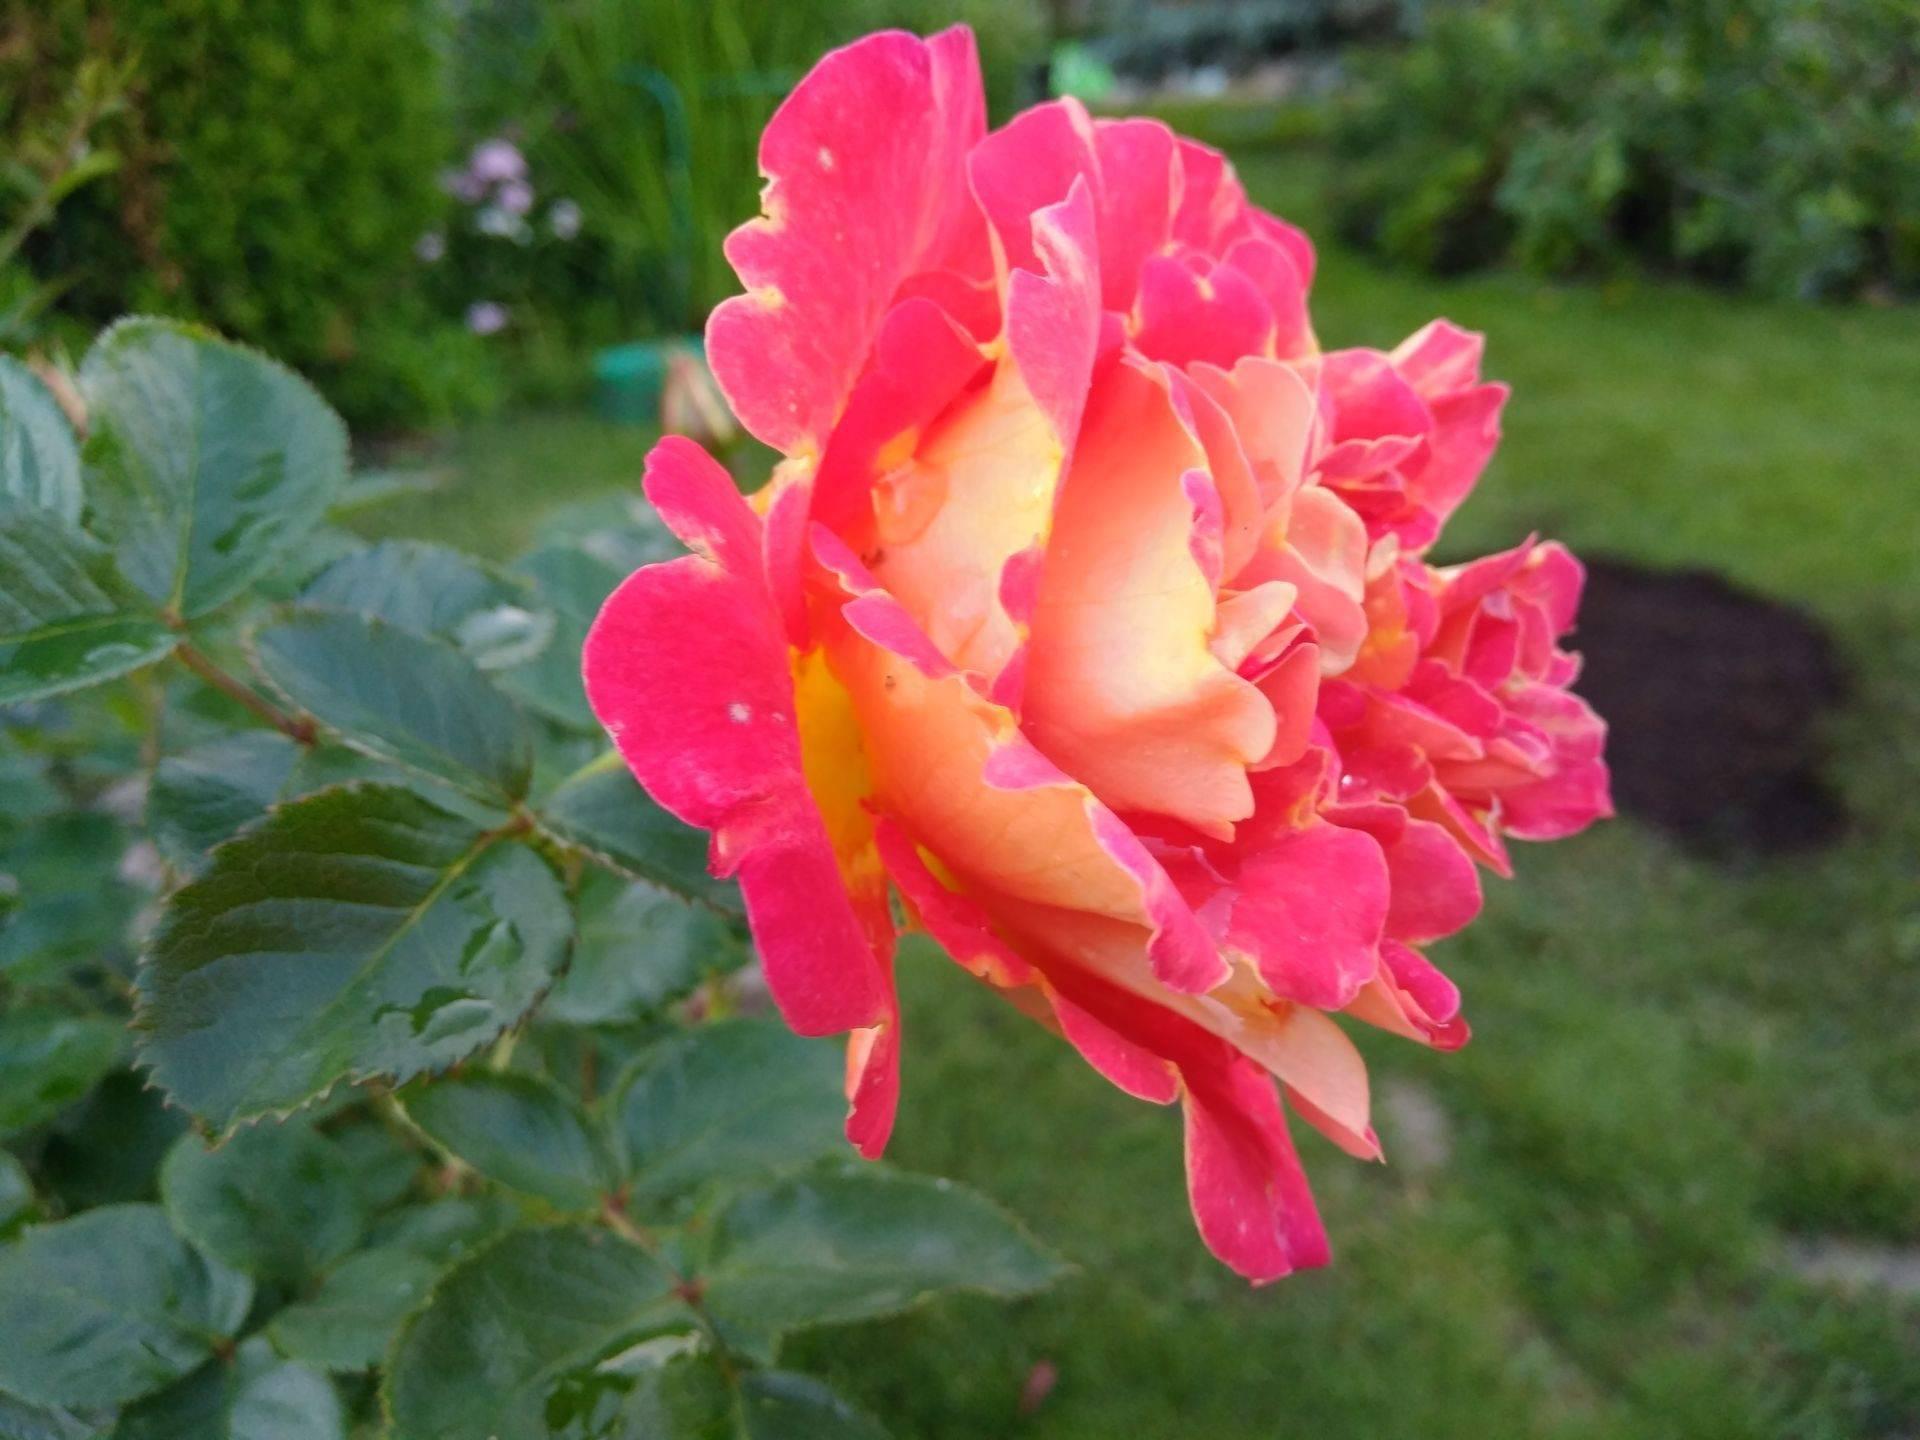 Сорта плетистых зимостойких роз: фото и описание видов, приспособленных к морозам, переносящих небольшой холод и цветущих все лето, также о посадке и уходе